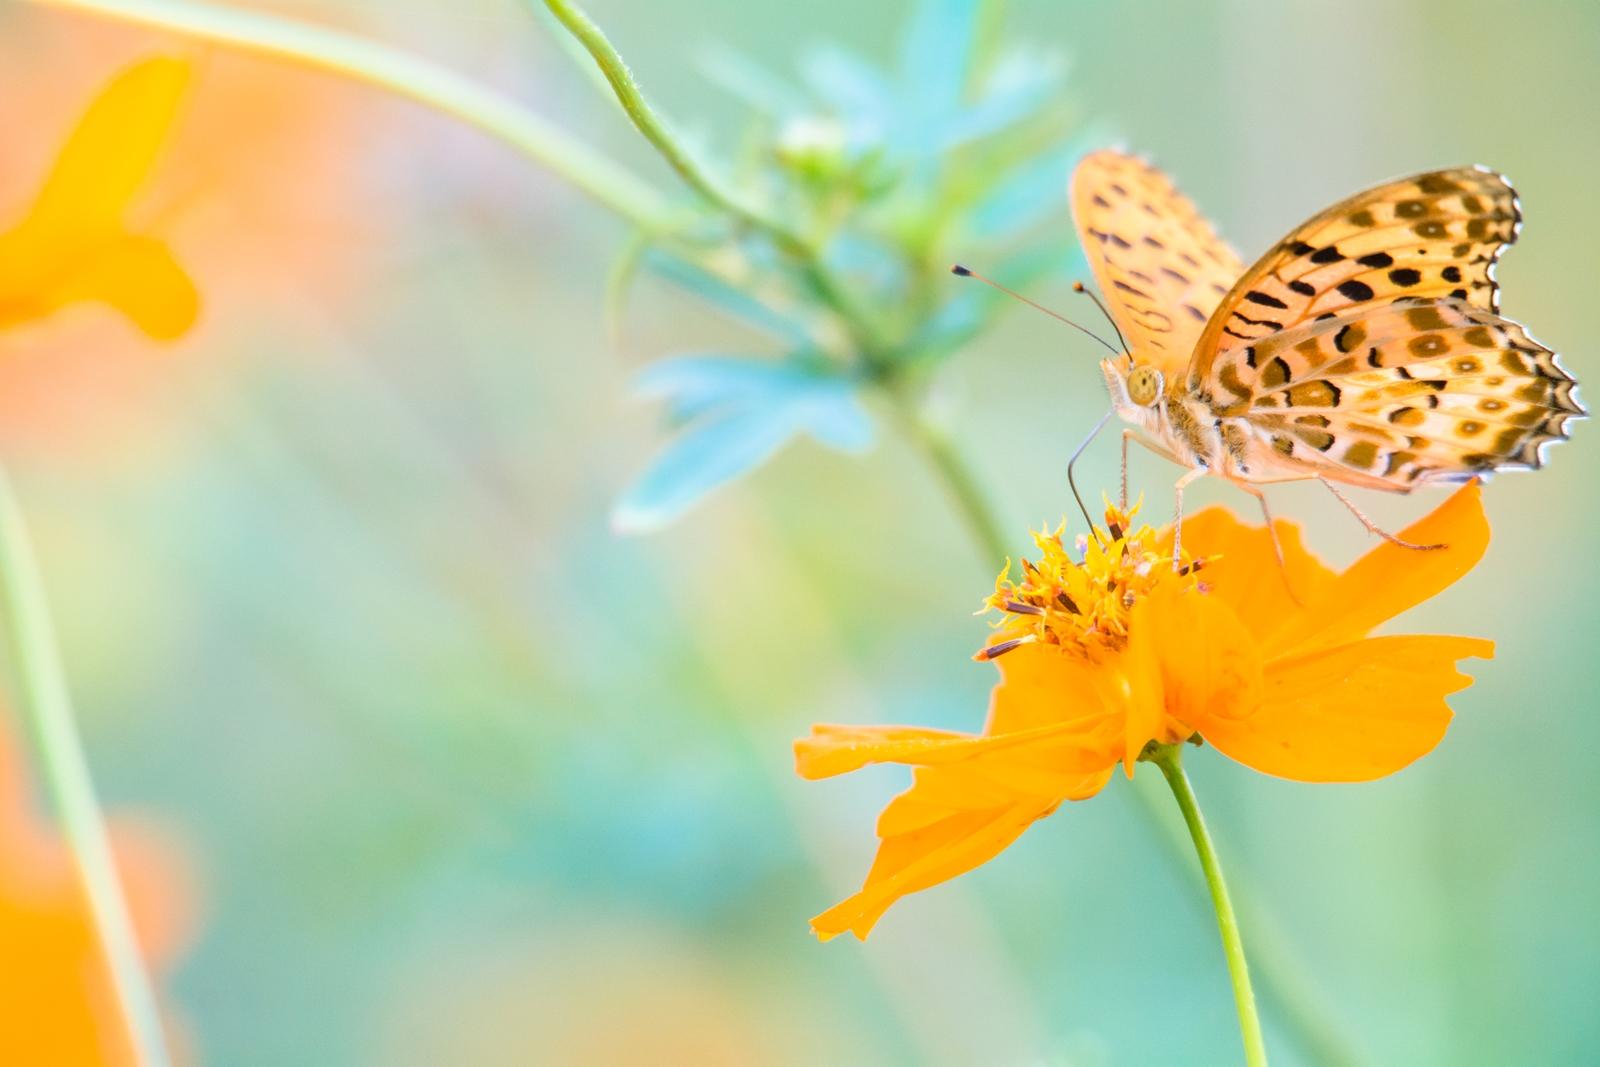 Photo: 初秋の黄色を感じて Feel the early autumn yellow.  秋の訪れを知らせる黄花 秋まで辿り着くことのできた蝶 ゆらゆらと心地良い風に吹かれながら 時折翅を羽ばたかせては 秋の花と舞いを踊る  Cosmos and fritillary. (キナバコスモスとヒョウモンチョウ) #insect #cooljapan #365cooljapanmay Nikon D7100 APO 50-500mm F4.5-6.3 DG OS HSM [ Day143, October 2nd ] (4枚追加:Added 4 photo)